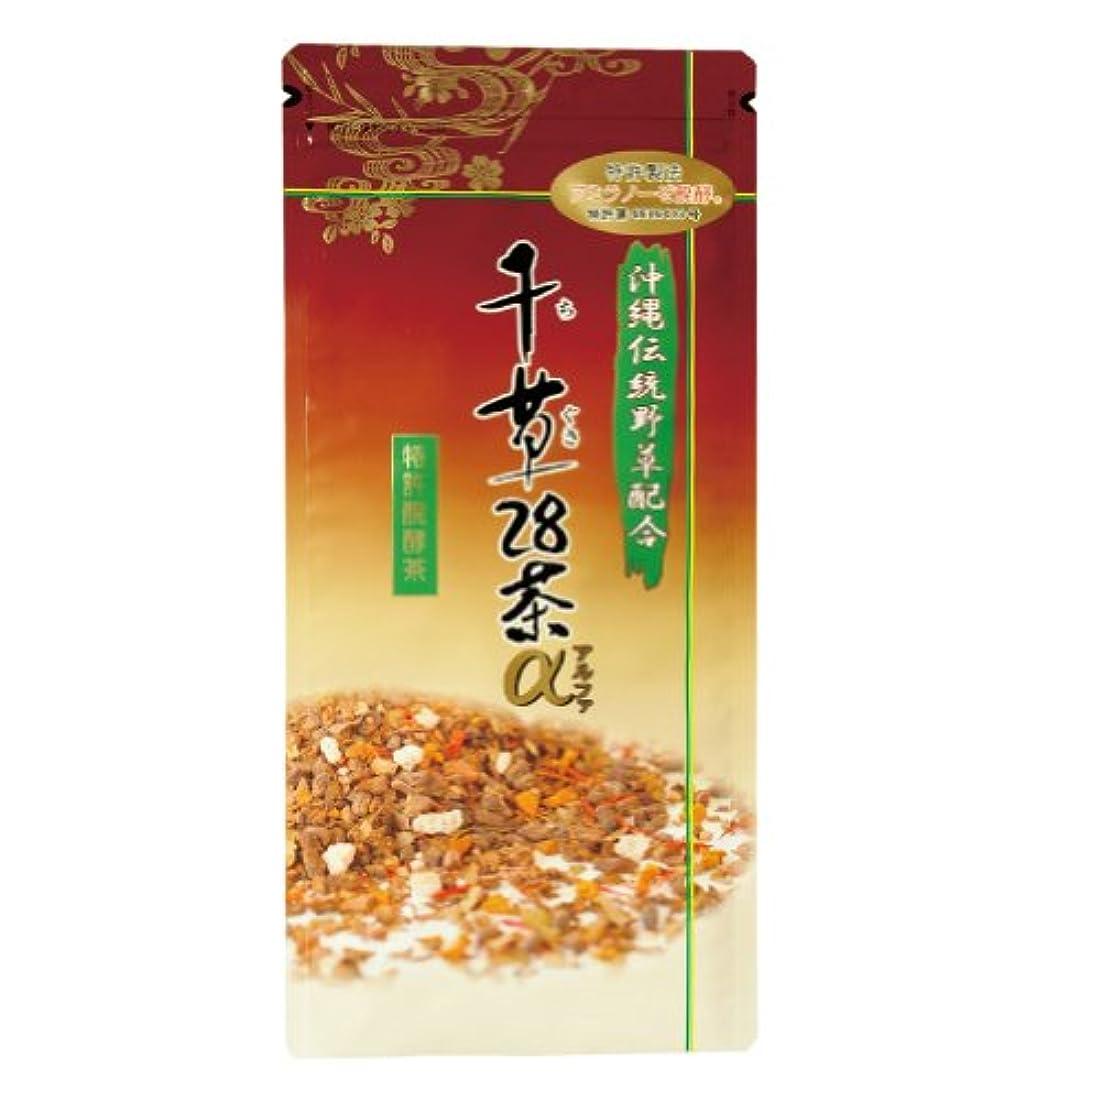 消化器セットアップ改修千草28茶α 200g